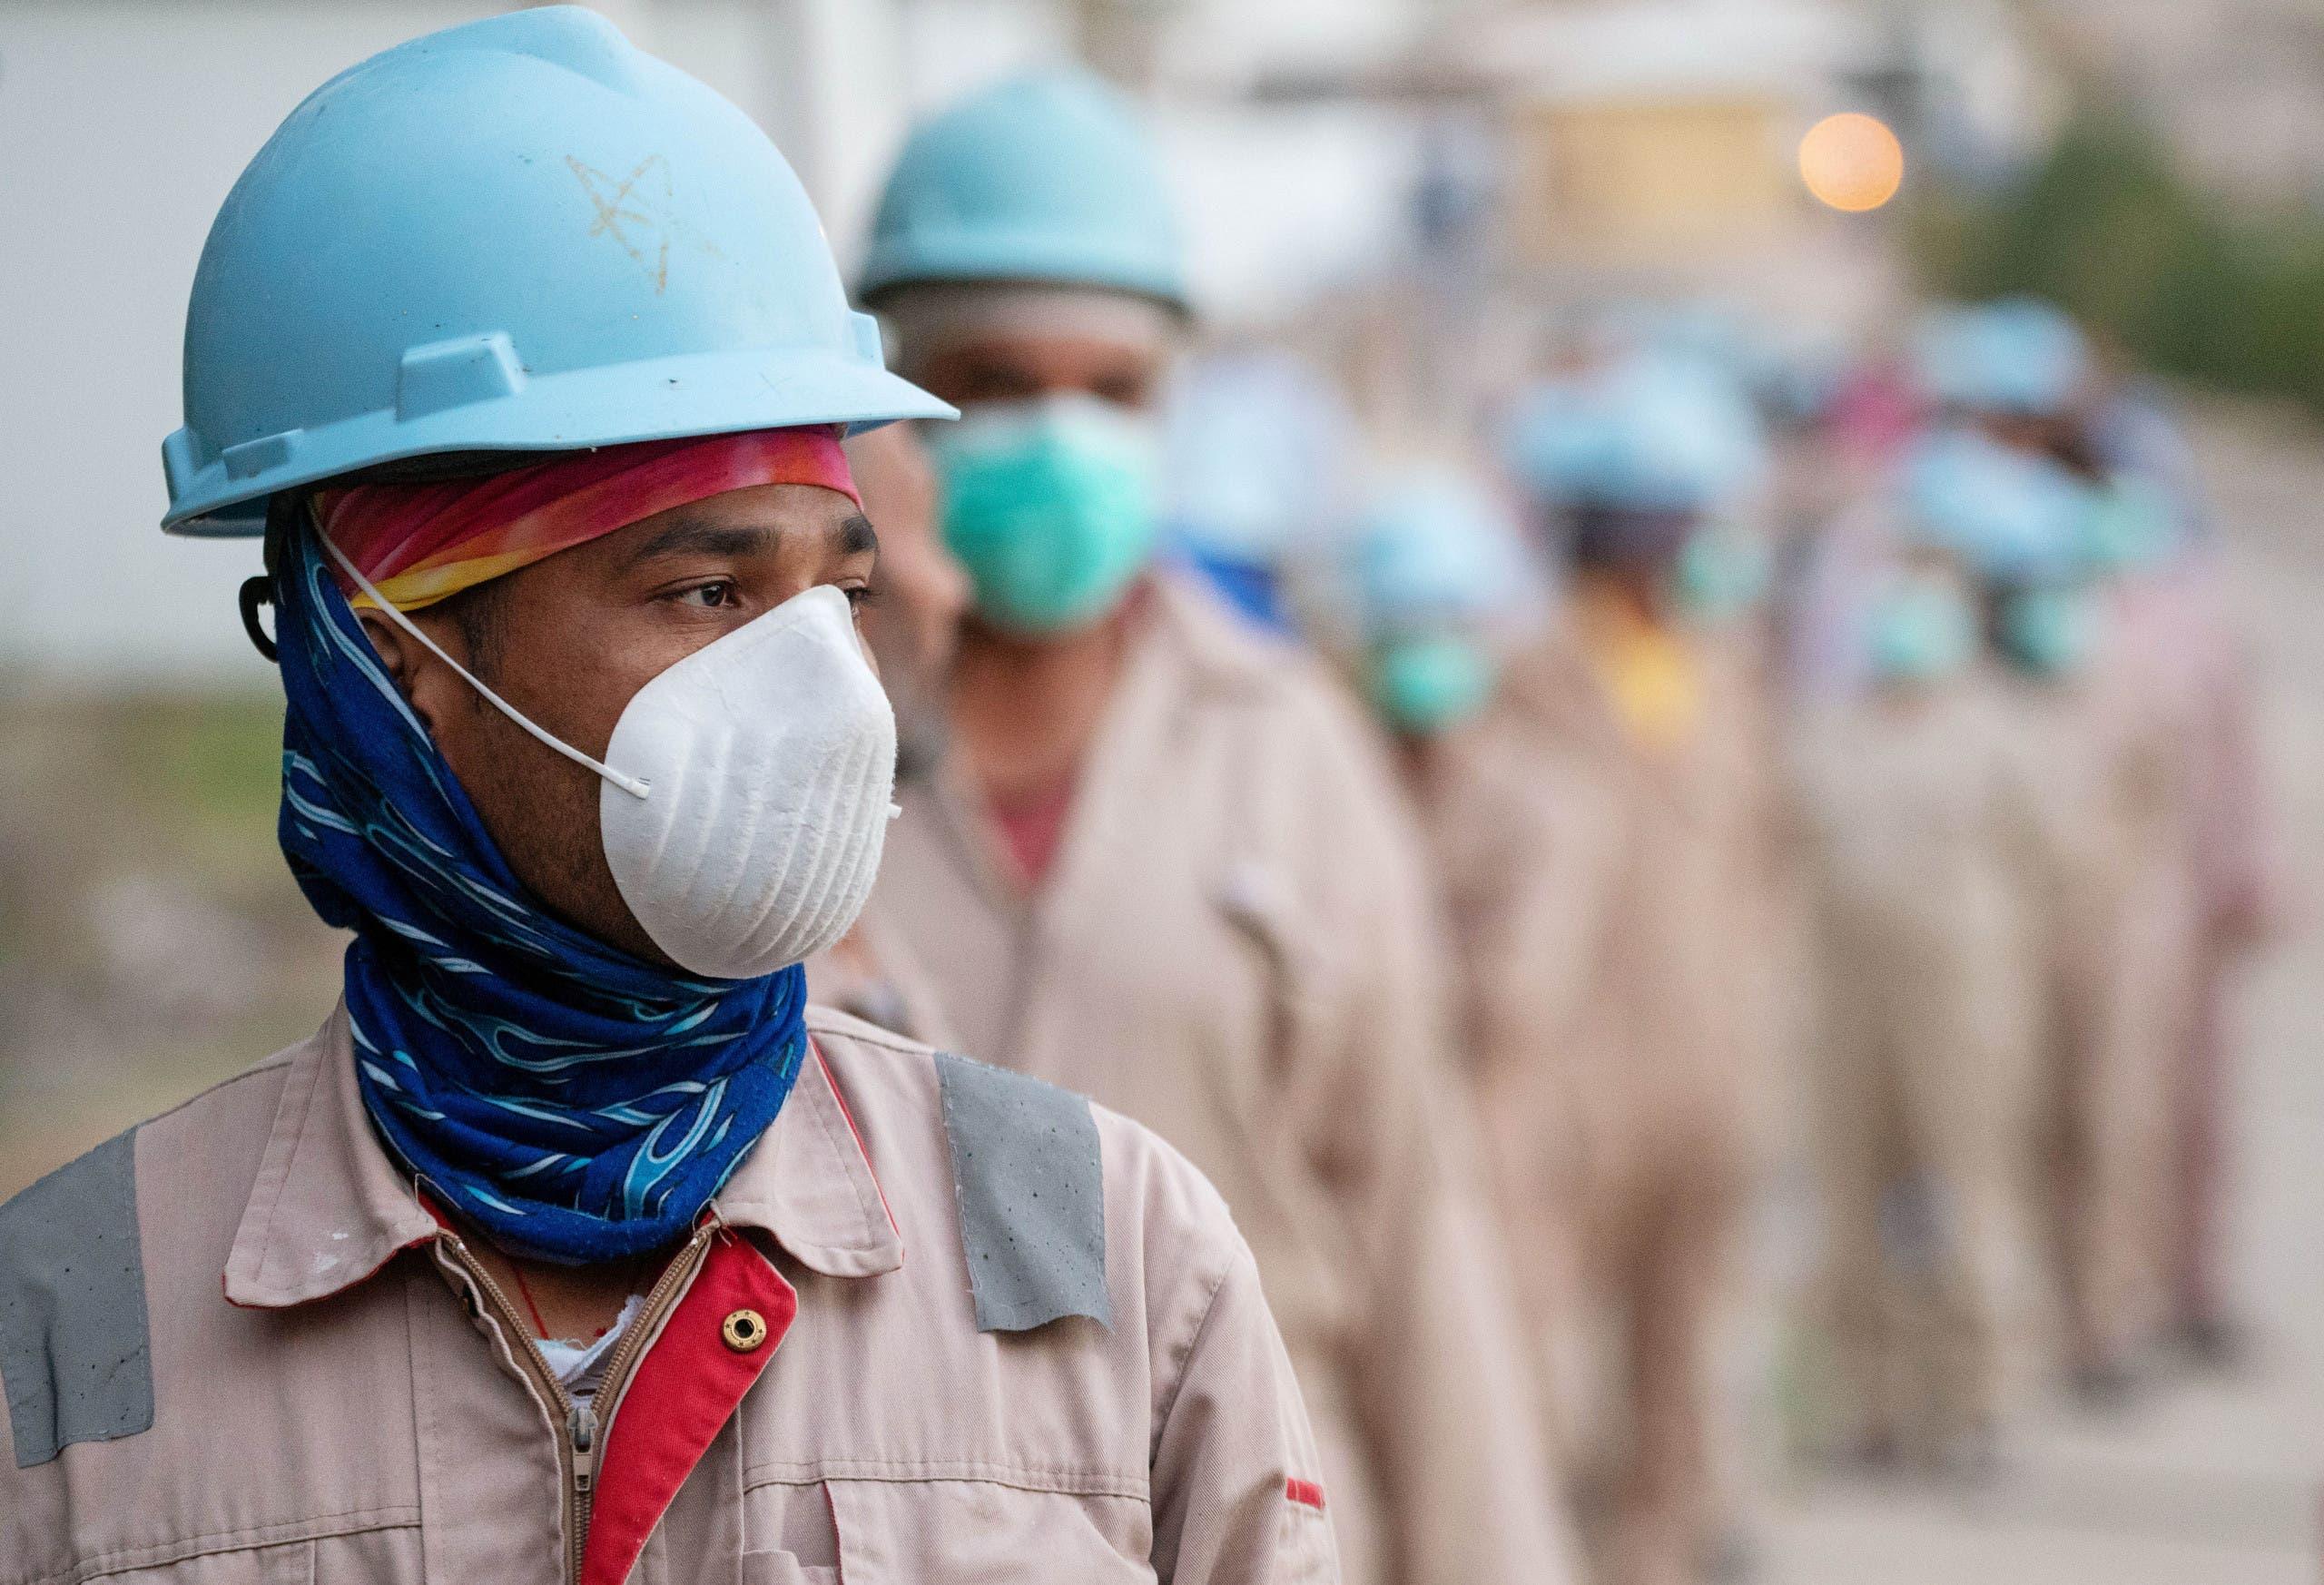 عمال يضعون كمامات واقية في موقع للانشاءات بالكويت